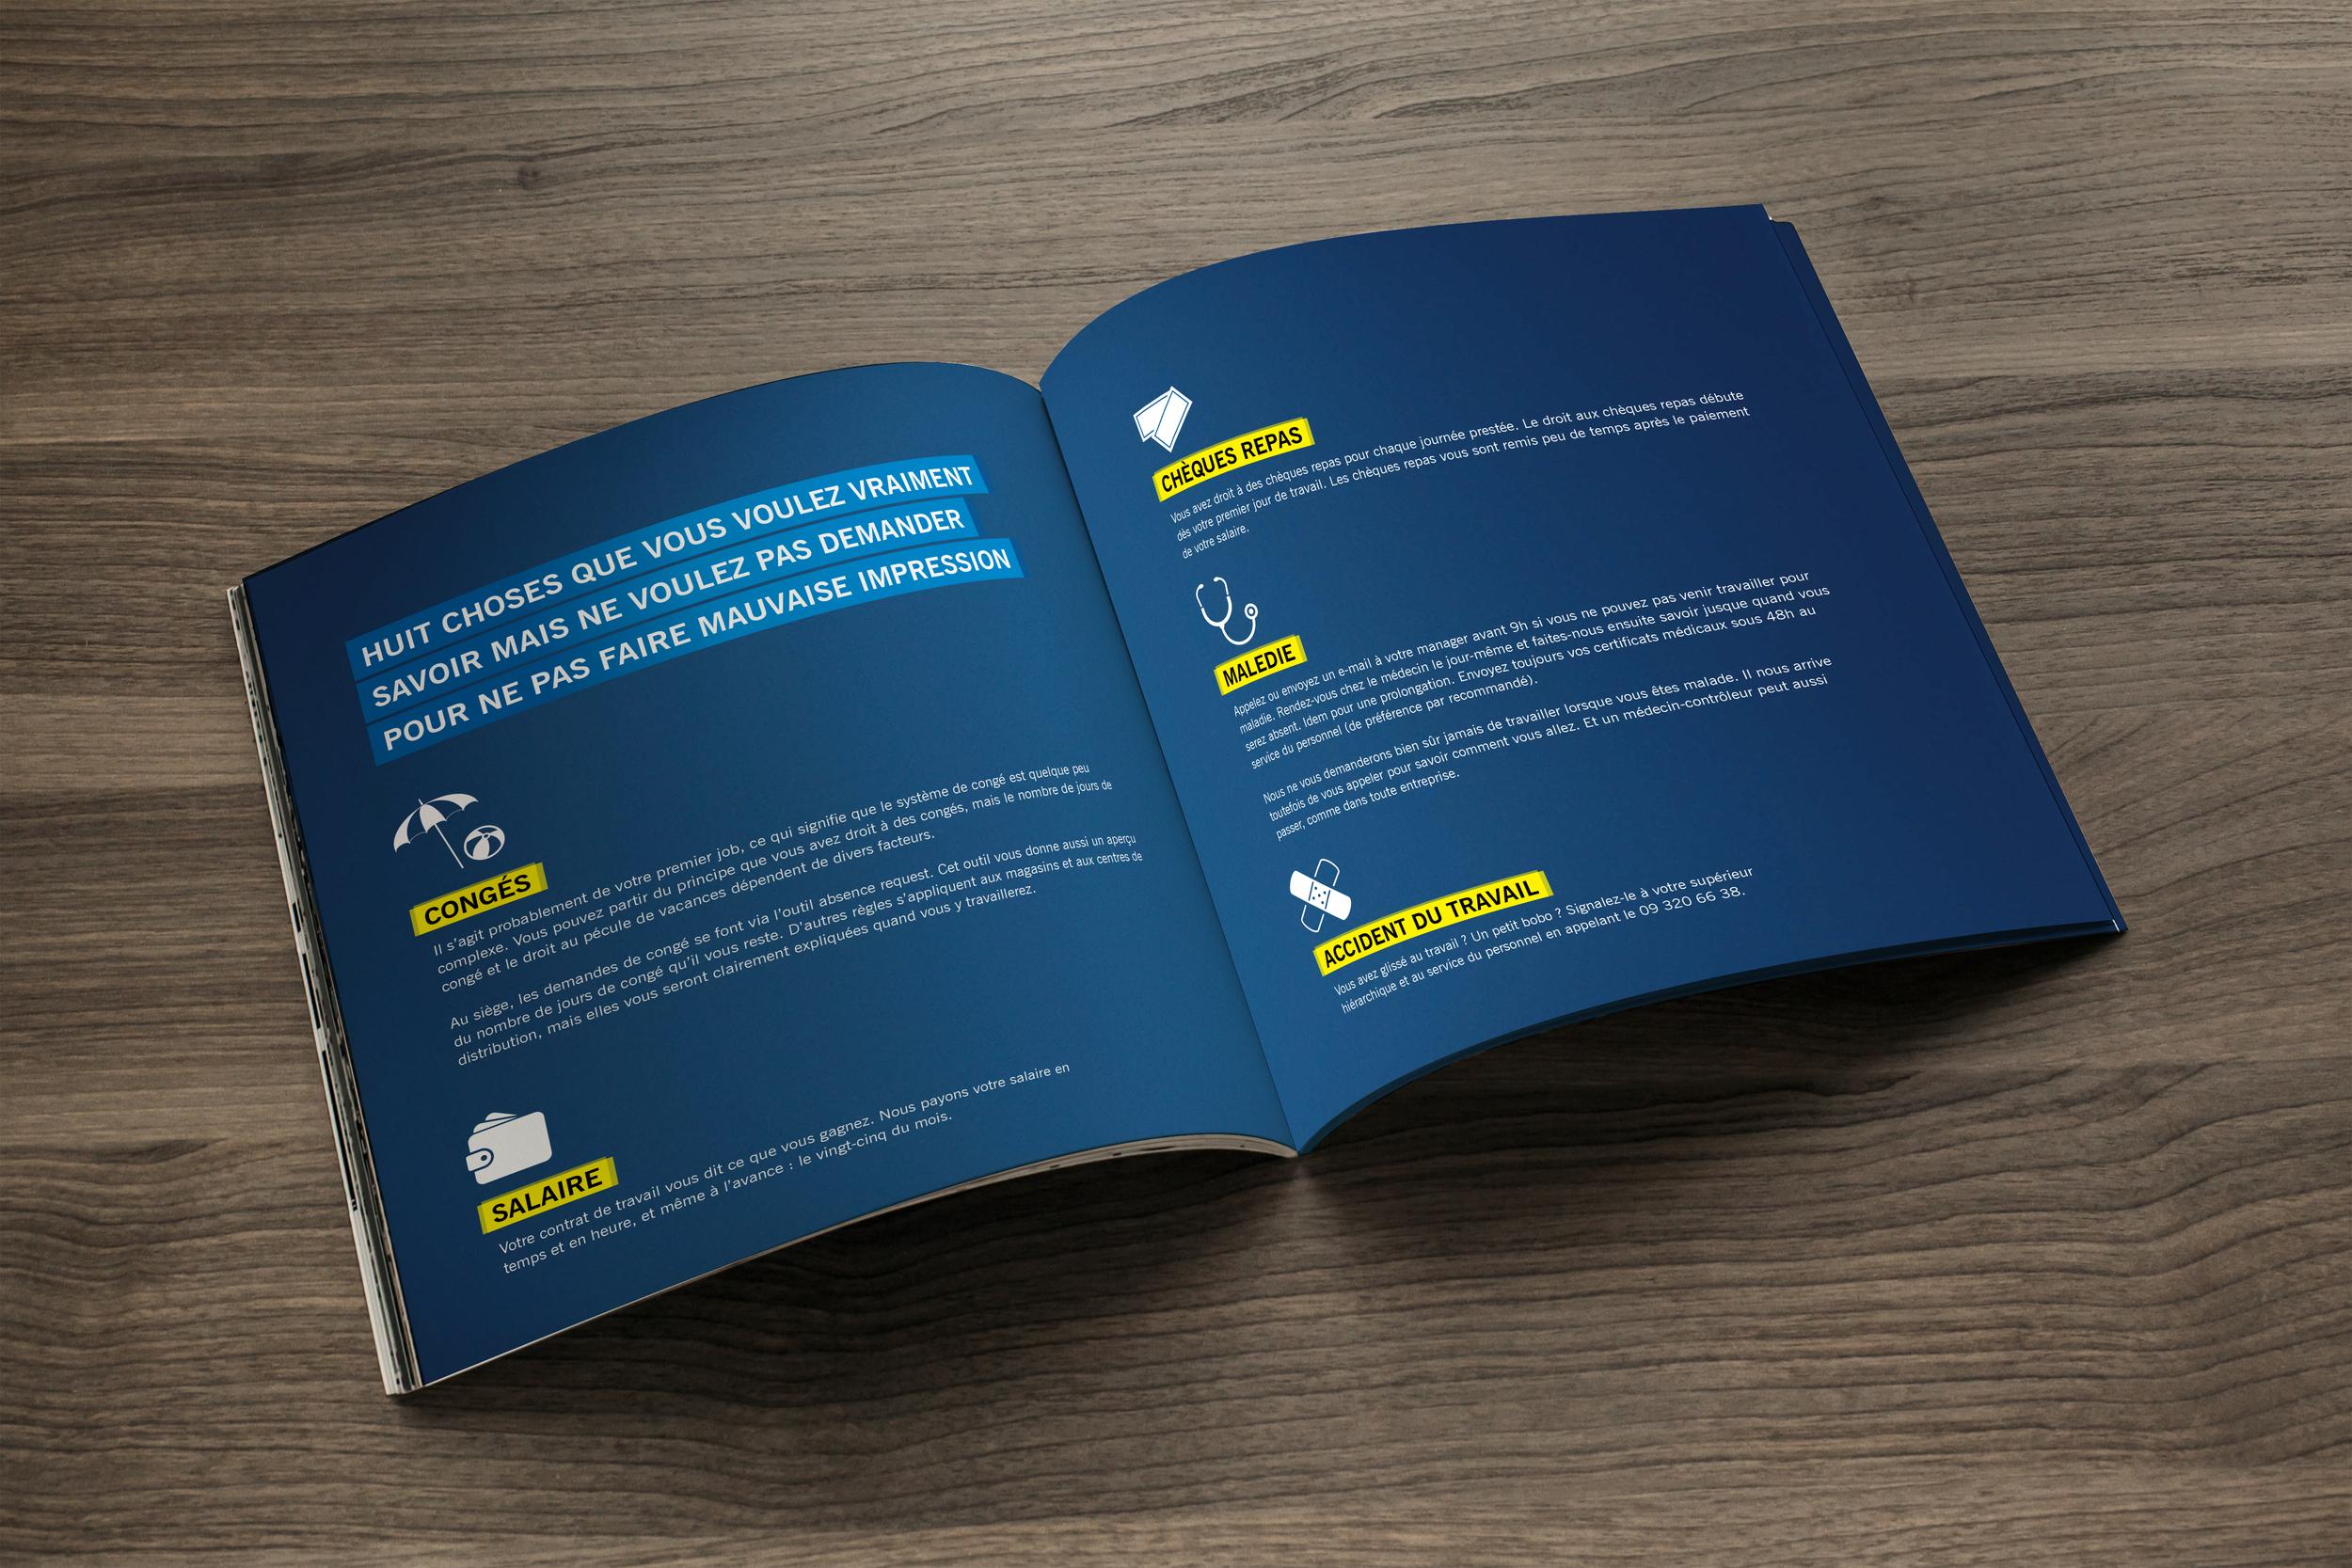 mockup-lidl-welcome-brochure